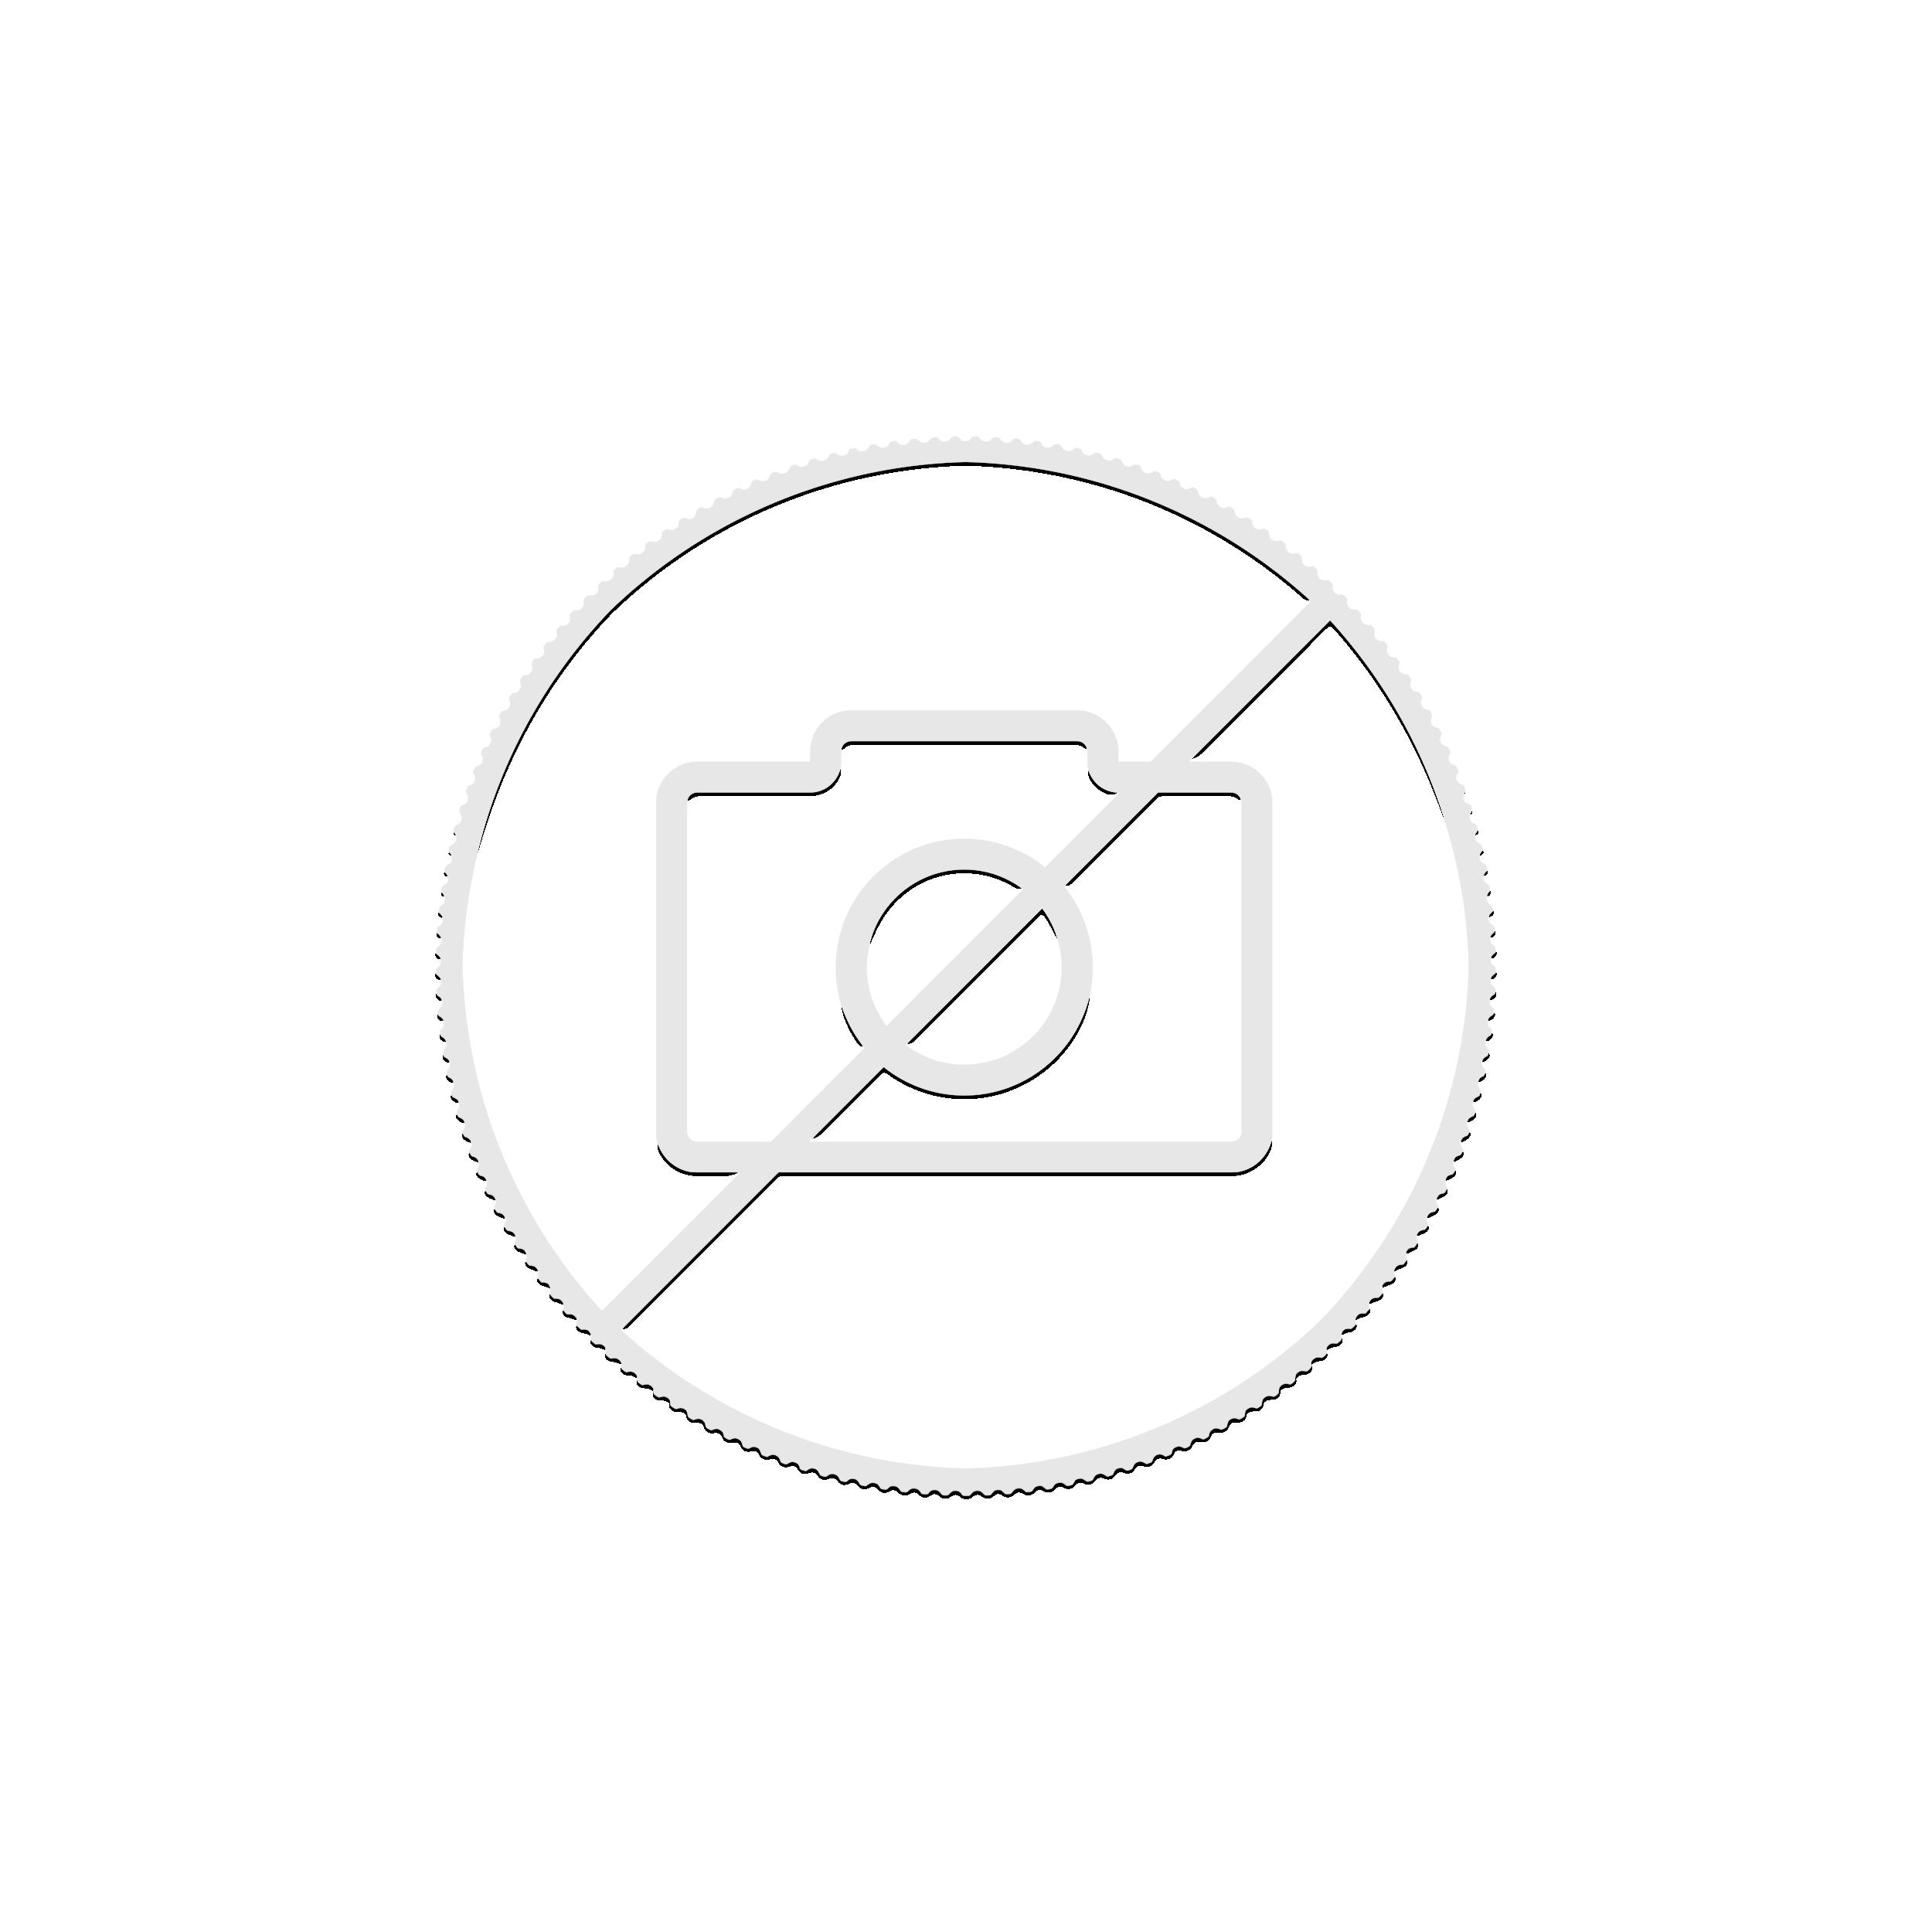 8 Grams gold coin Panda 2019